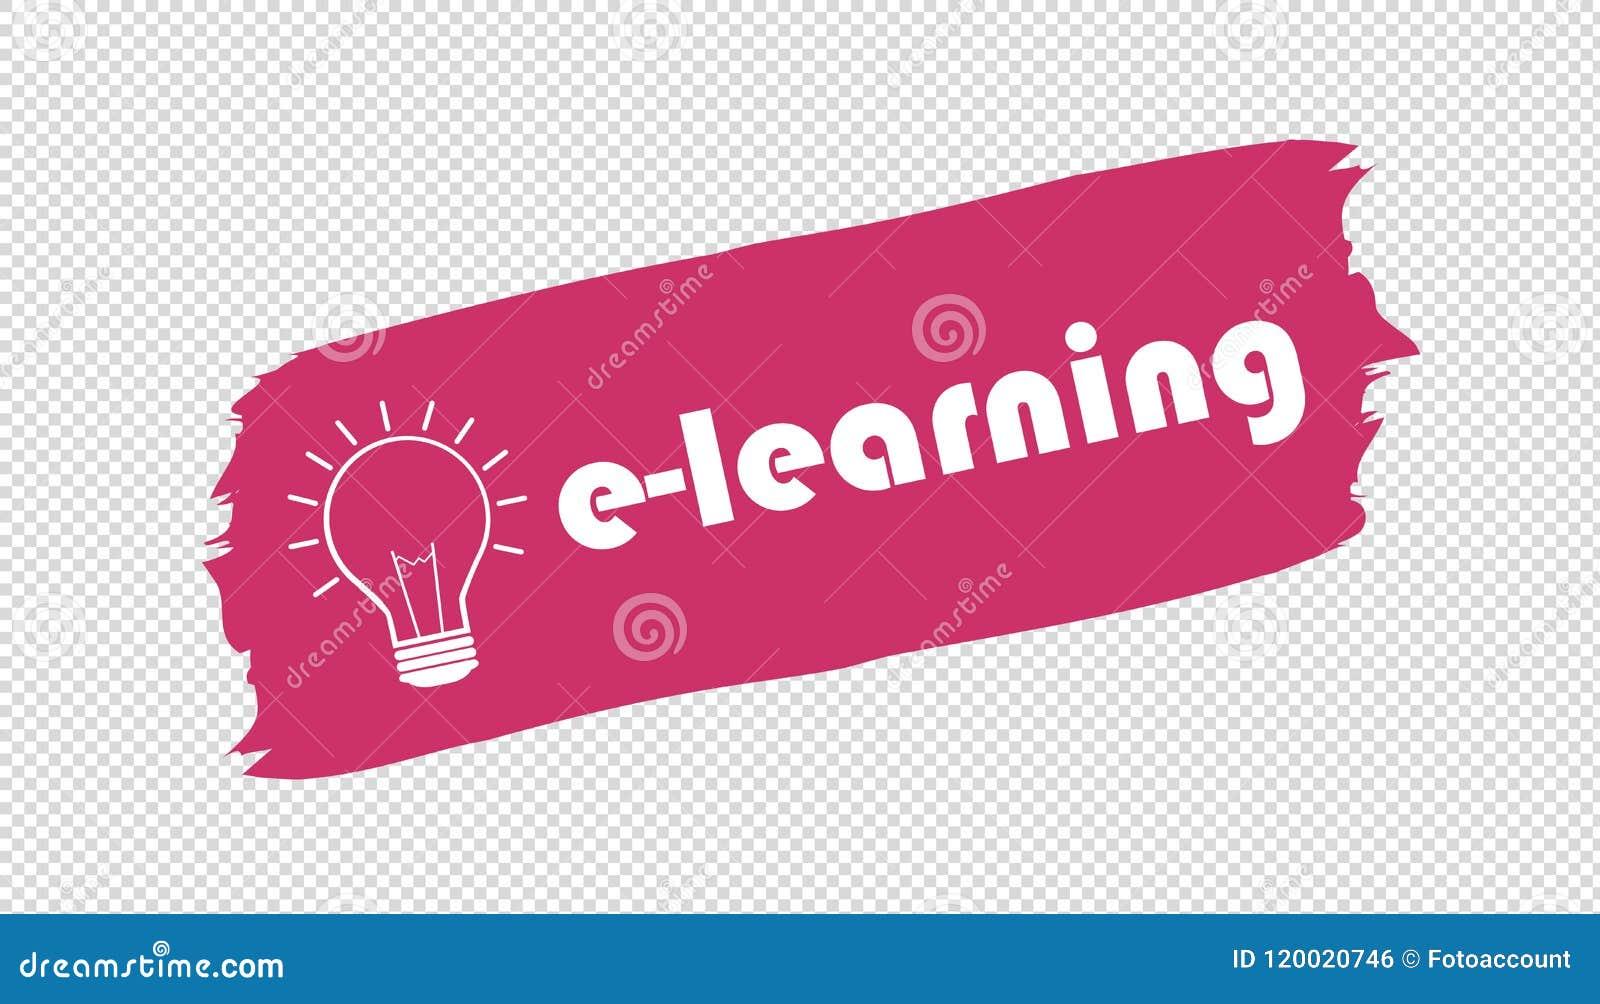 E Learning And Lightbulb Brushstroke Banner